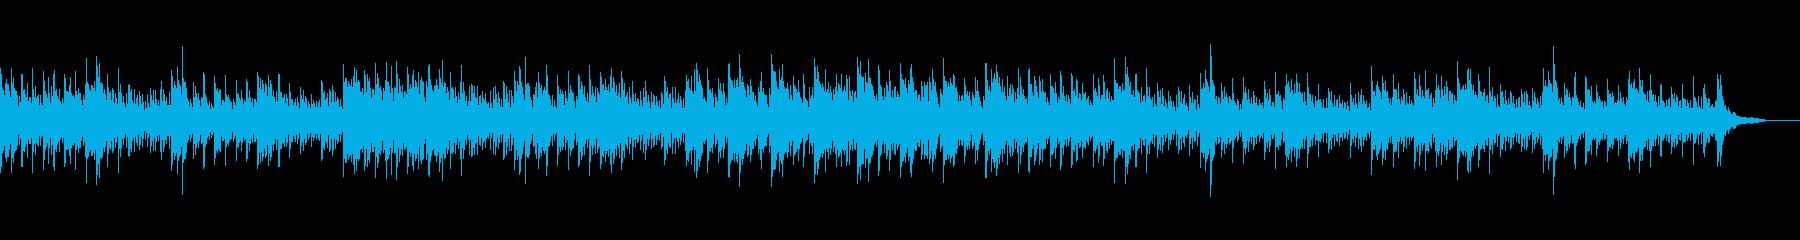 ピアノとマリンバの知的で落ち着いたBGMの再生済みの波形